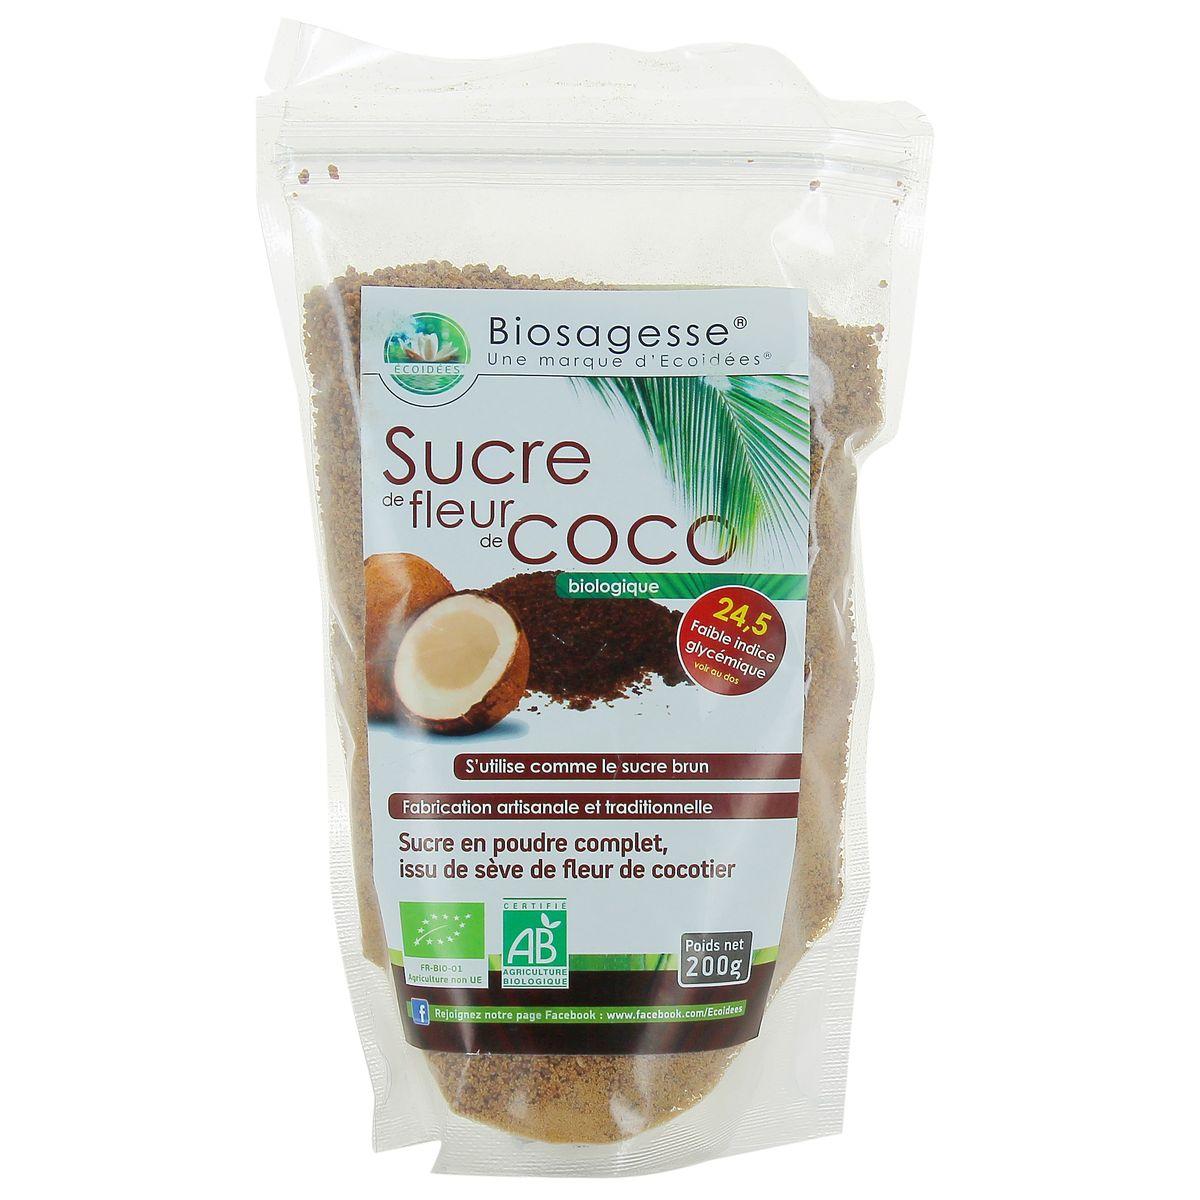 Biosagesse Sucre De Fleur De Coco Bio 200g